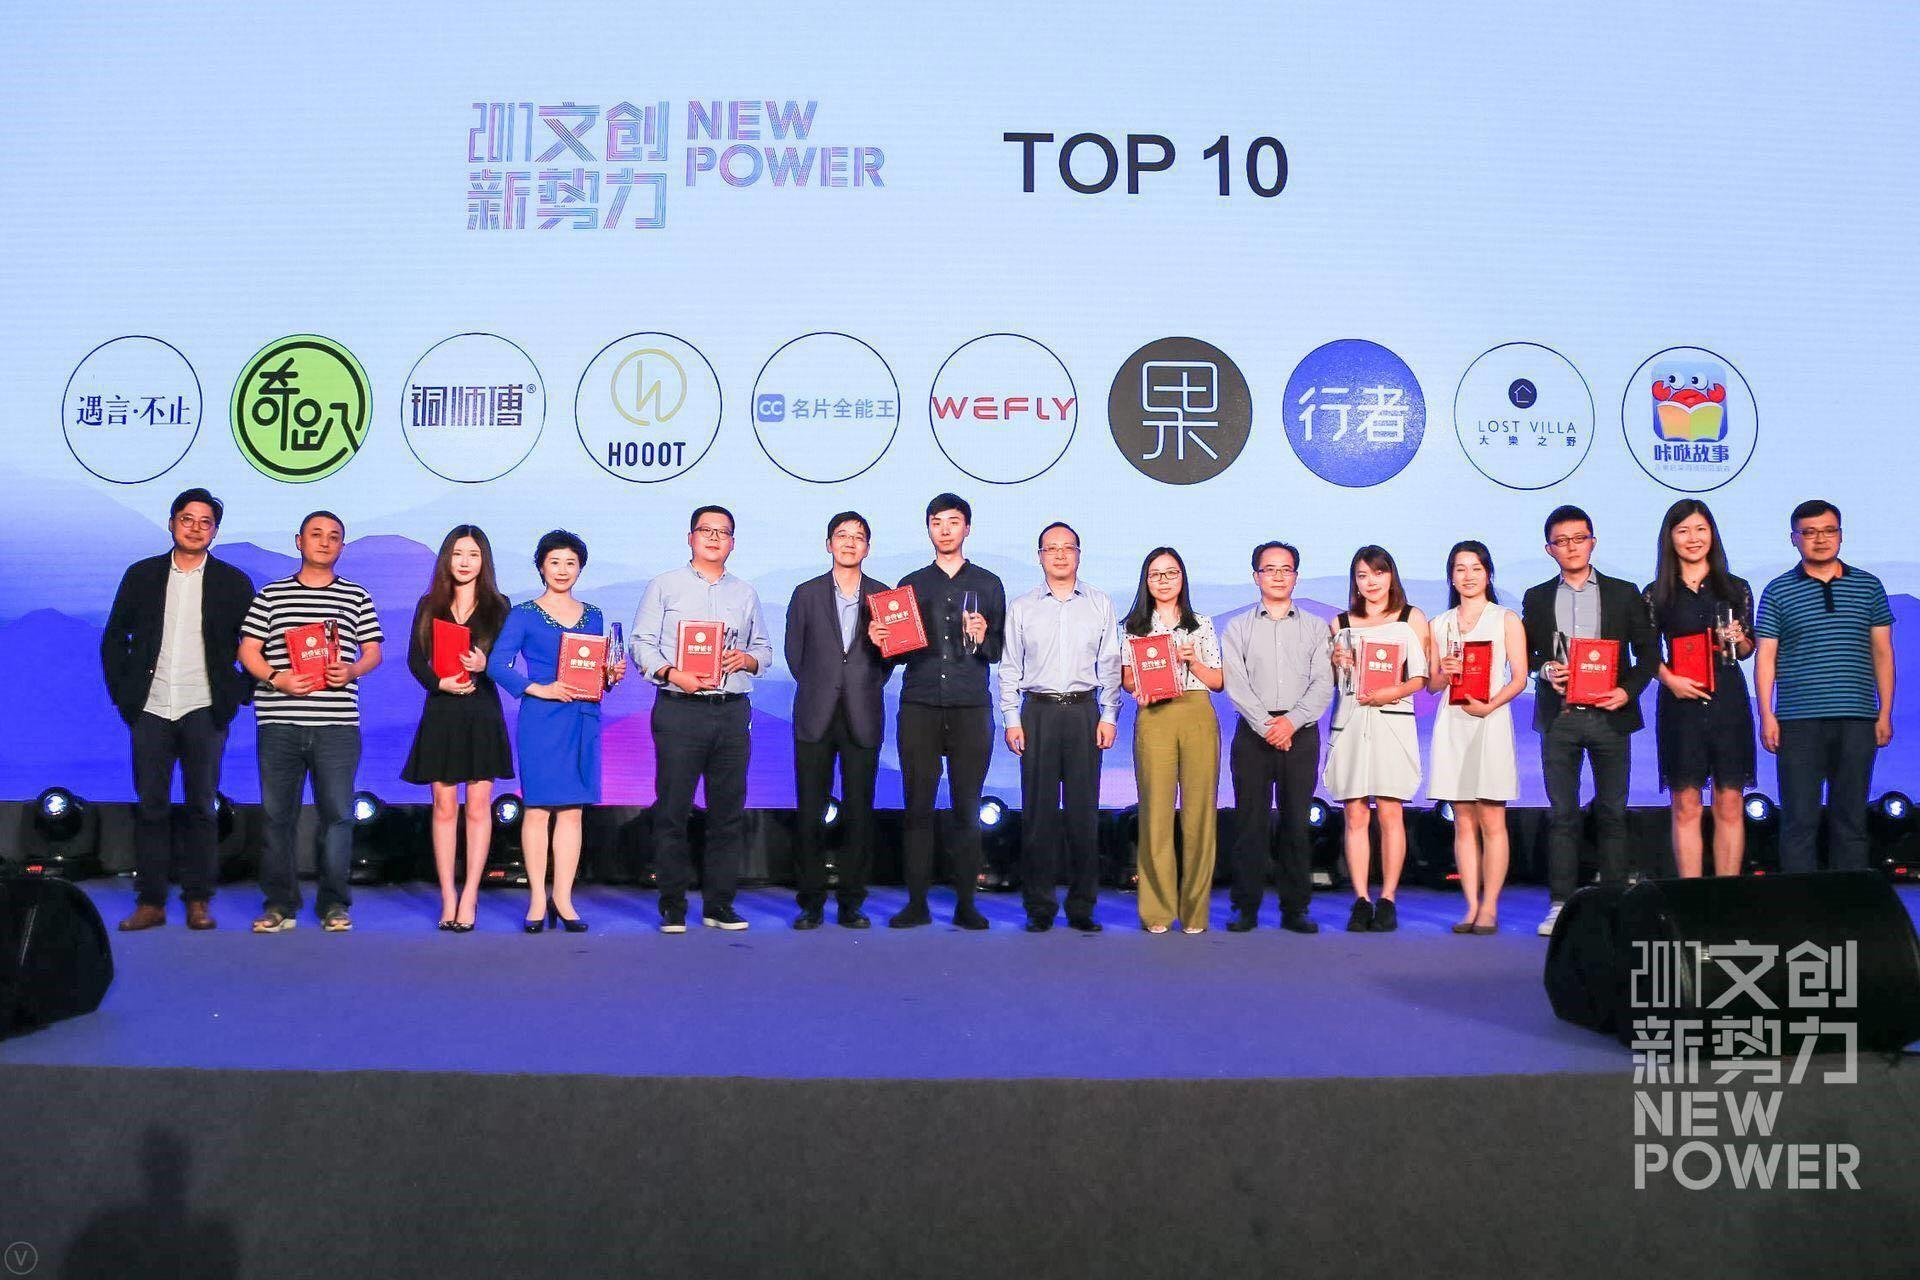 2017文創新勢力落幕-掌上彩票pro网络异常,名片全能王獲評TOP 10